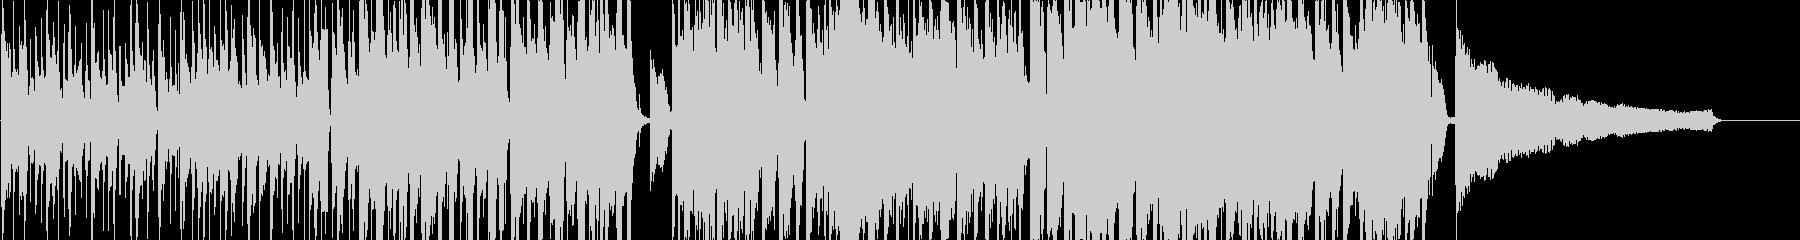 スタイリッシュなアコースティックロックの未再生の波形